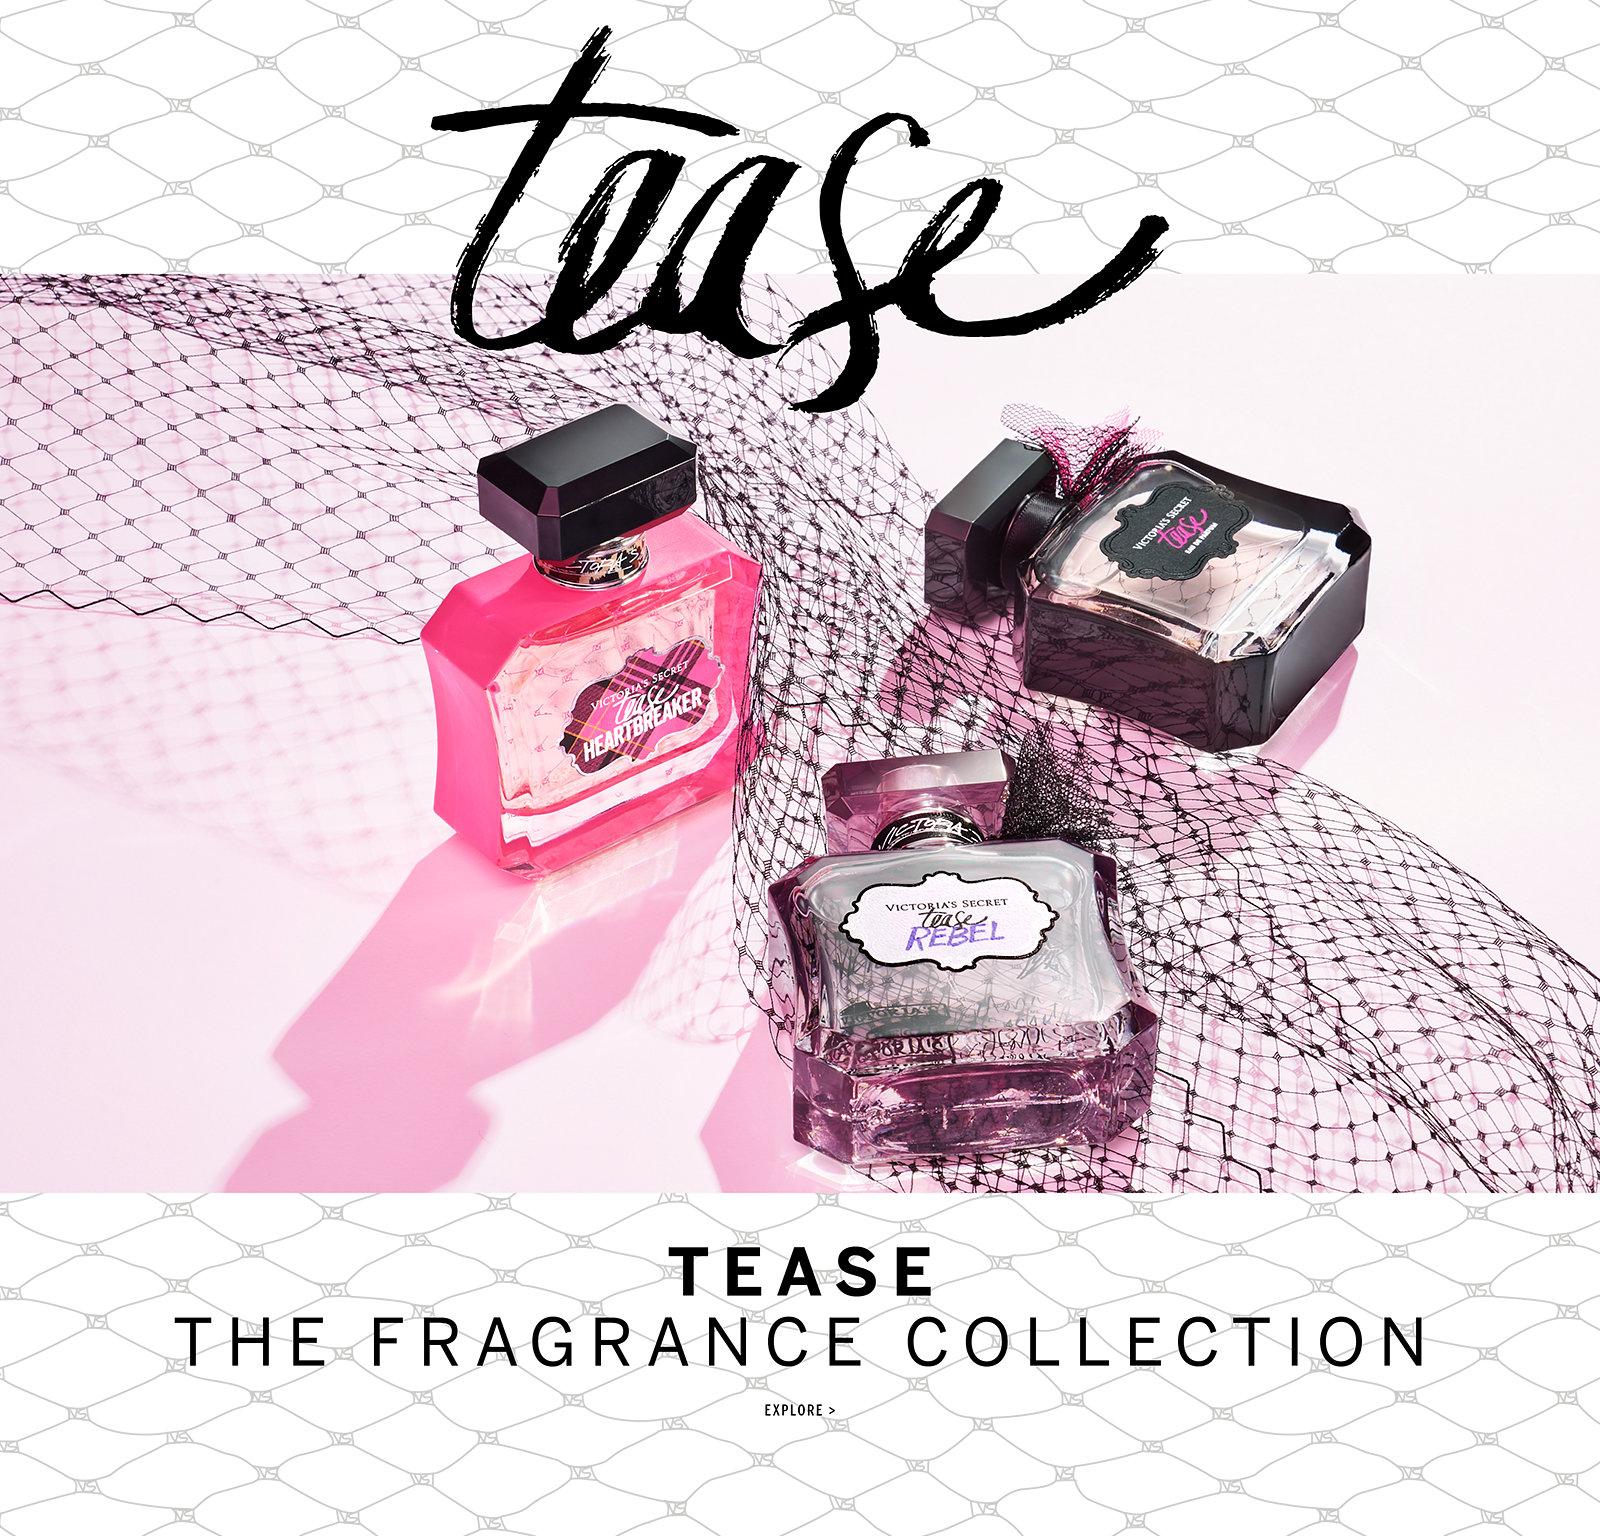 7508a438b60a3 Fragrance - Beauty